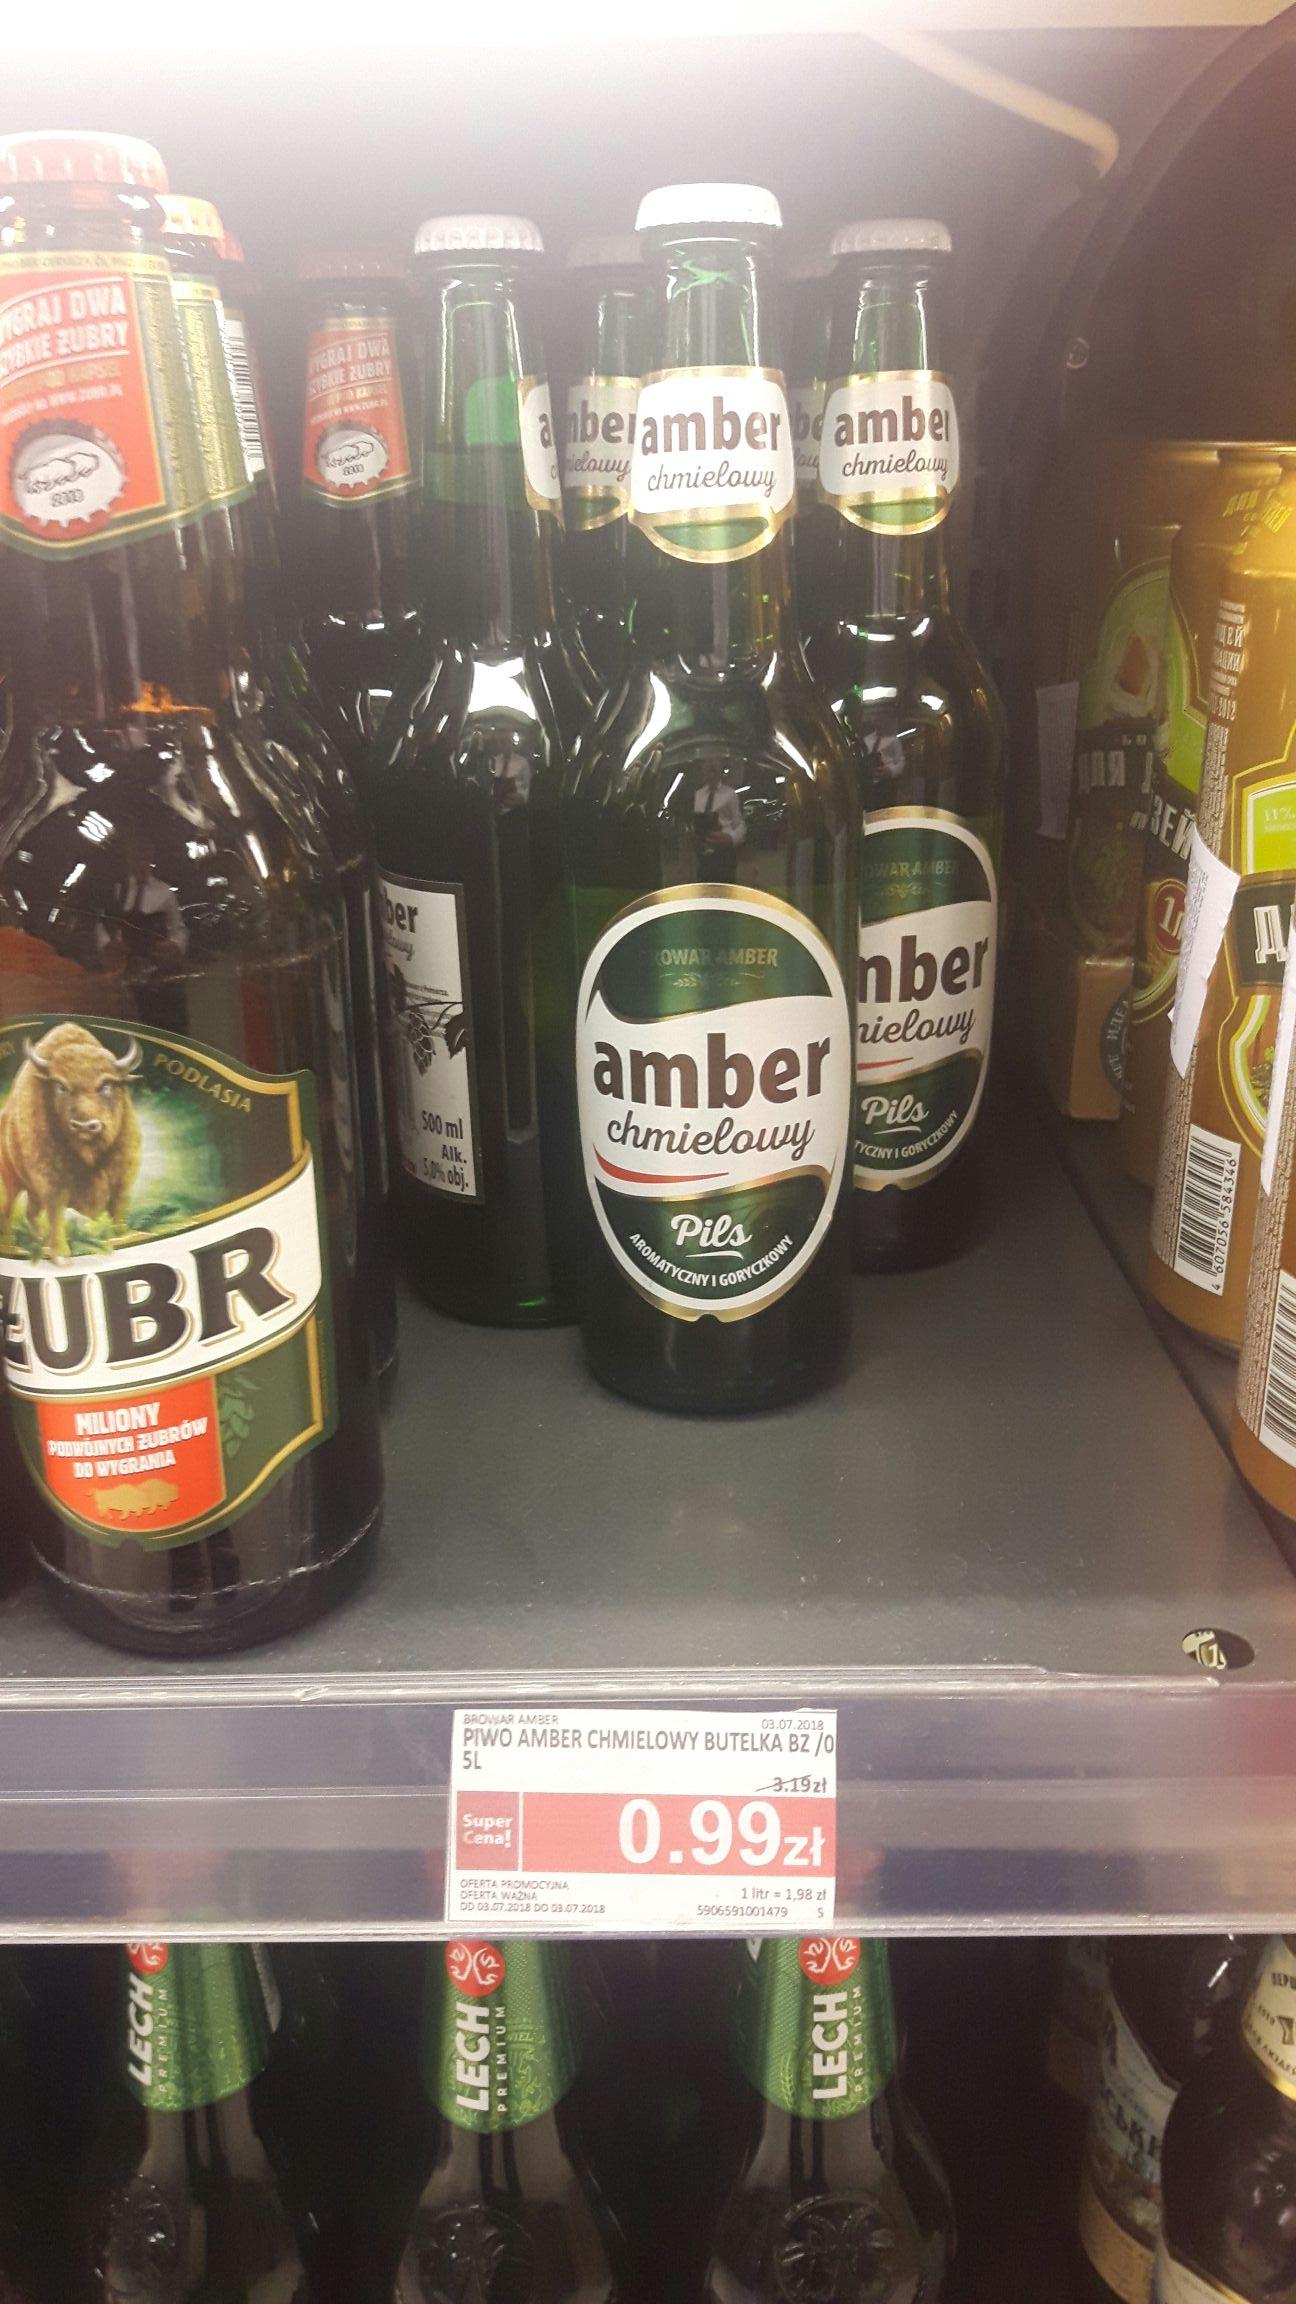 Piwo Amber chmielowy pils 0,5 l Piotr i Paweł Legnica